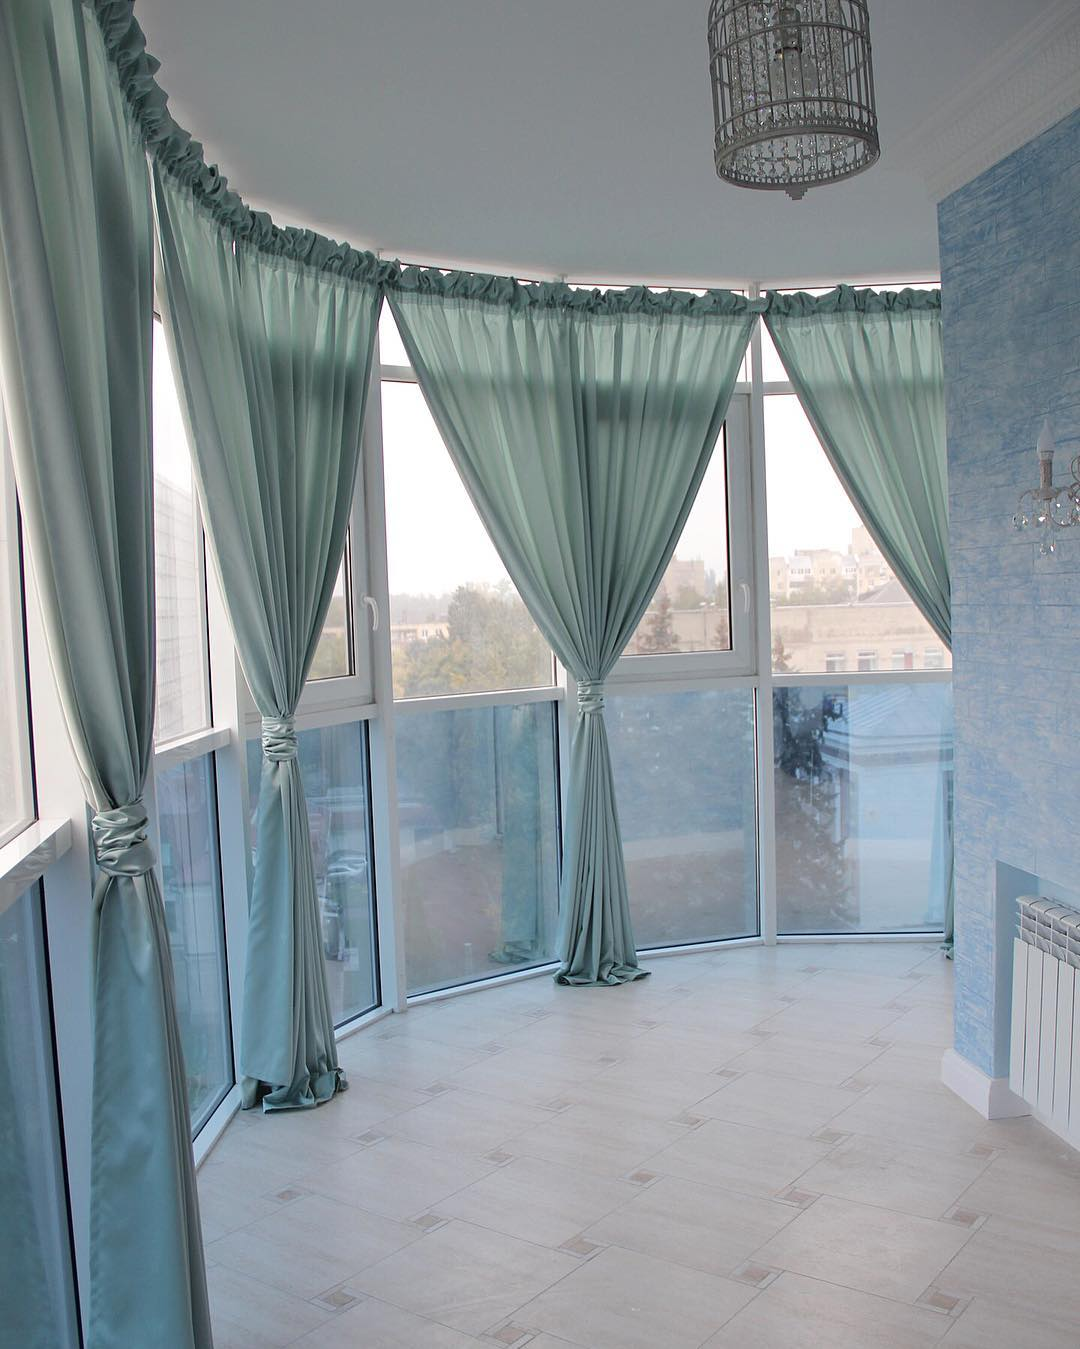 Шторы для балкона в квартиру или загородный дом.